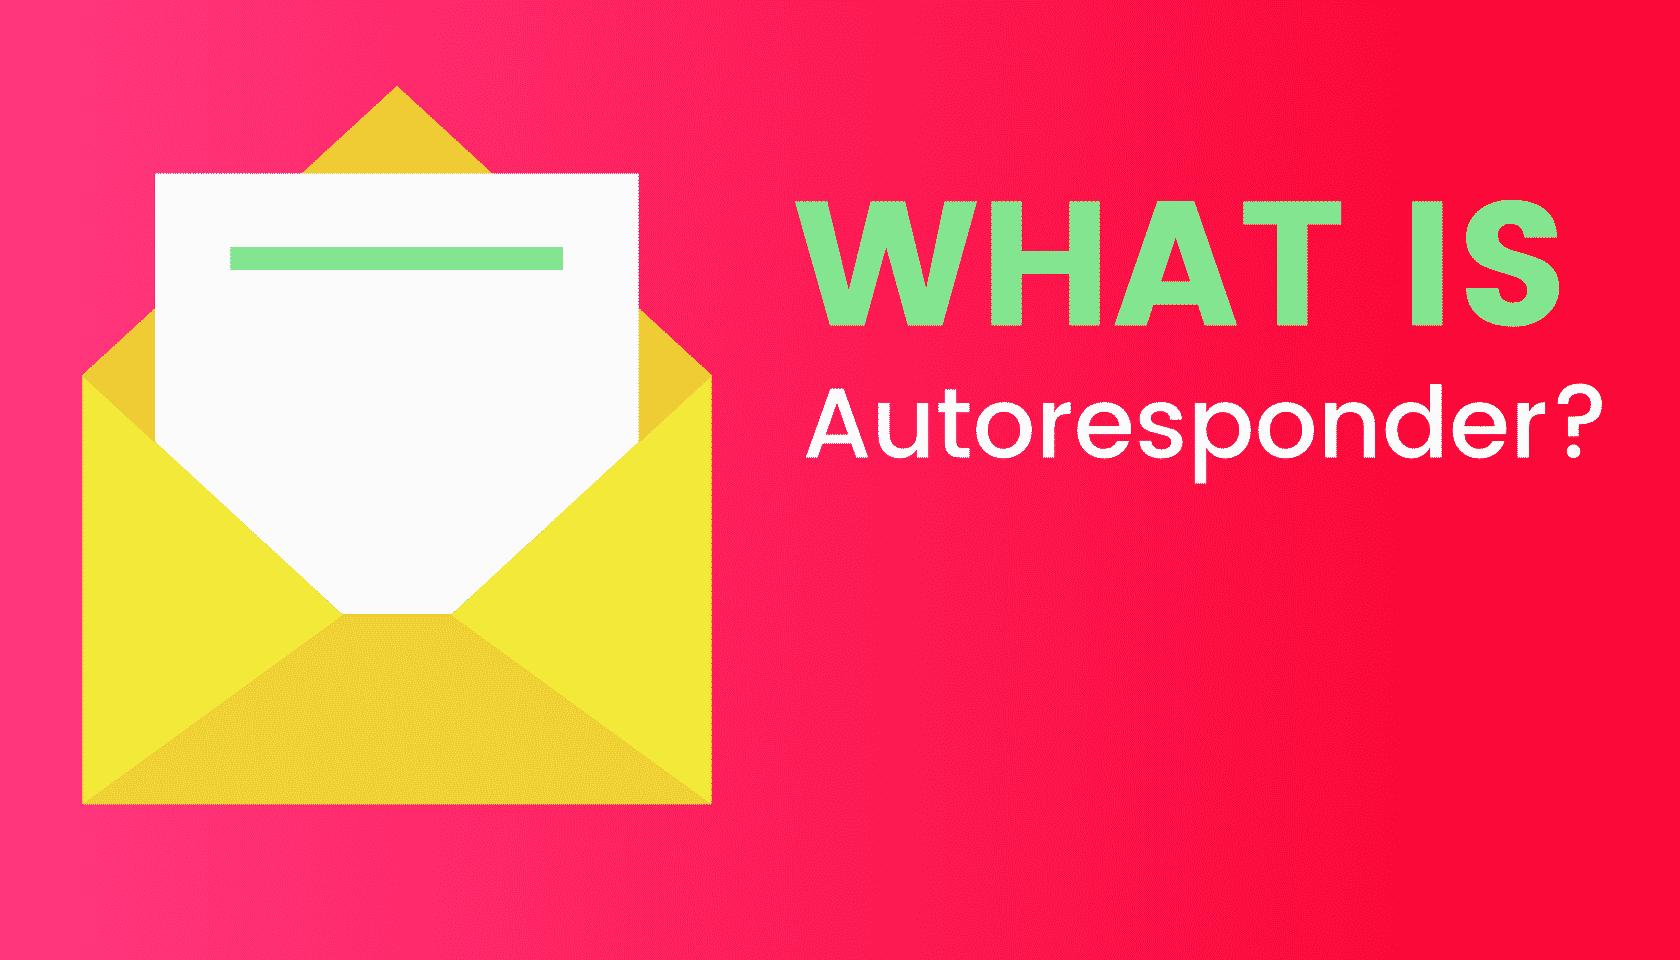 What is: Autoresponder?